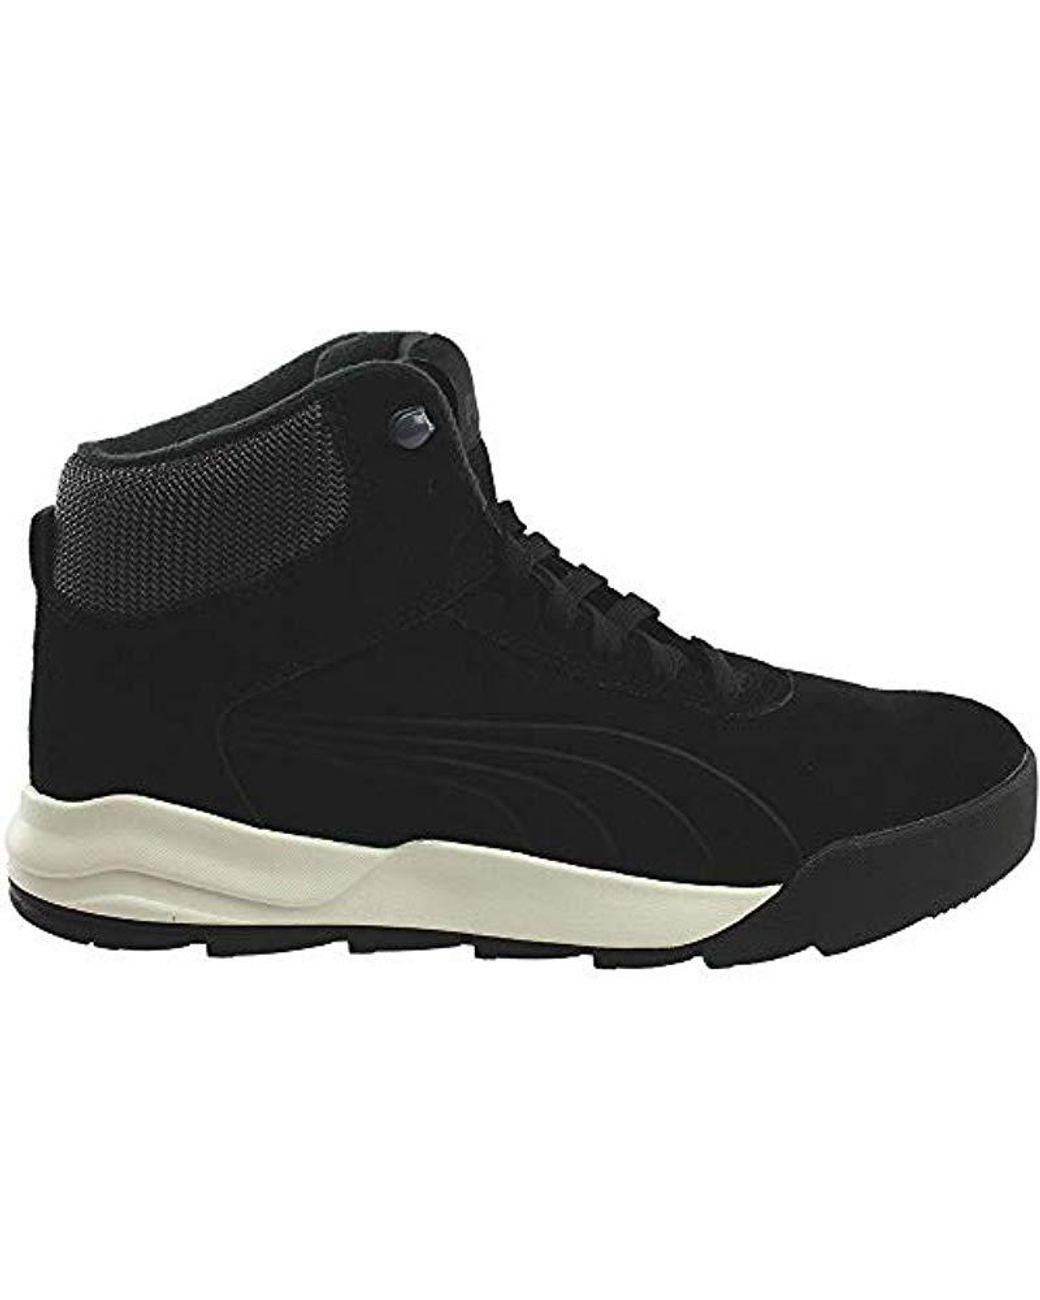 PUMA Men's Desierto Fashion Sneaker